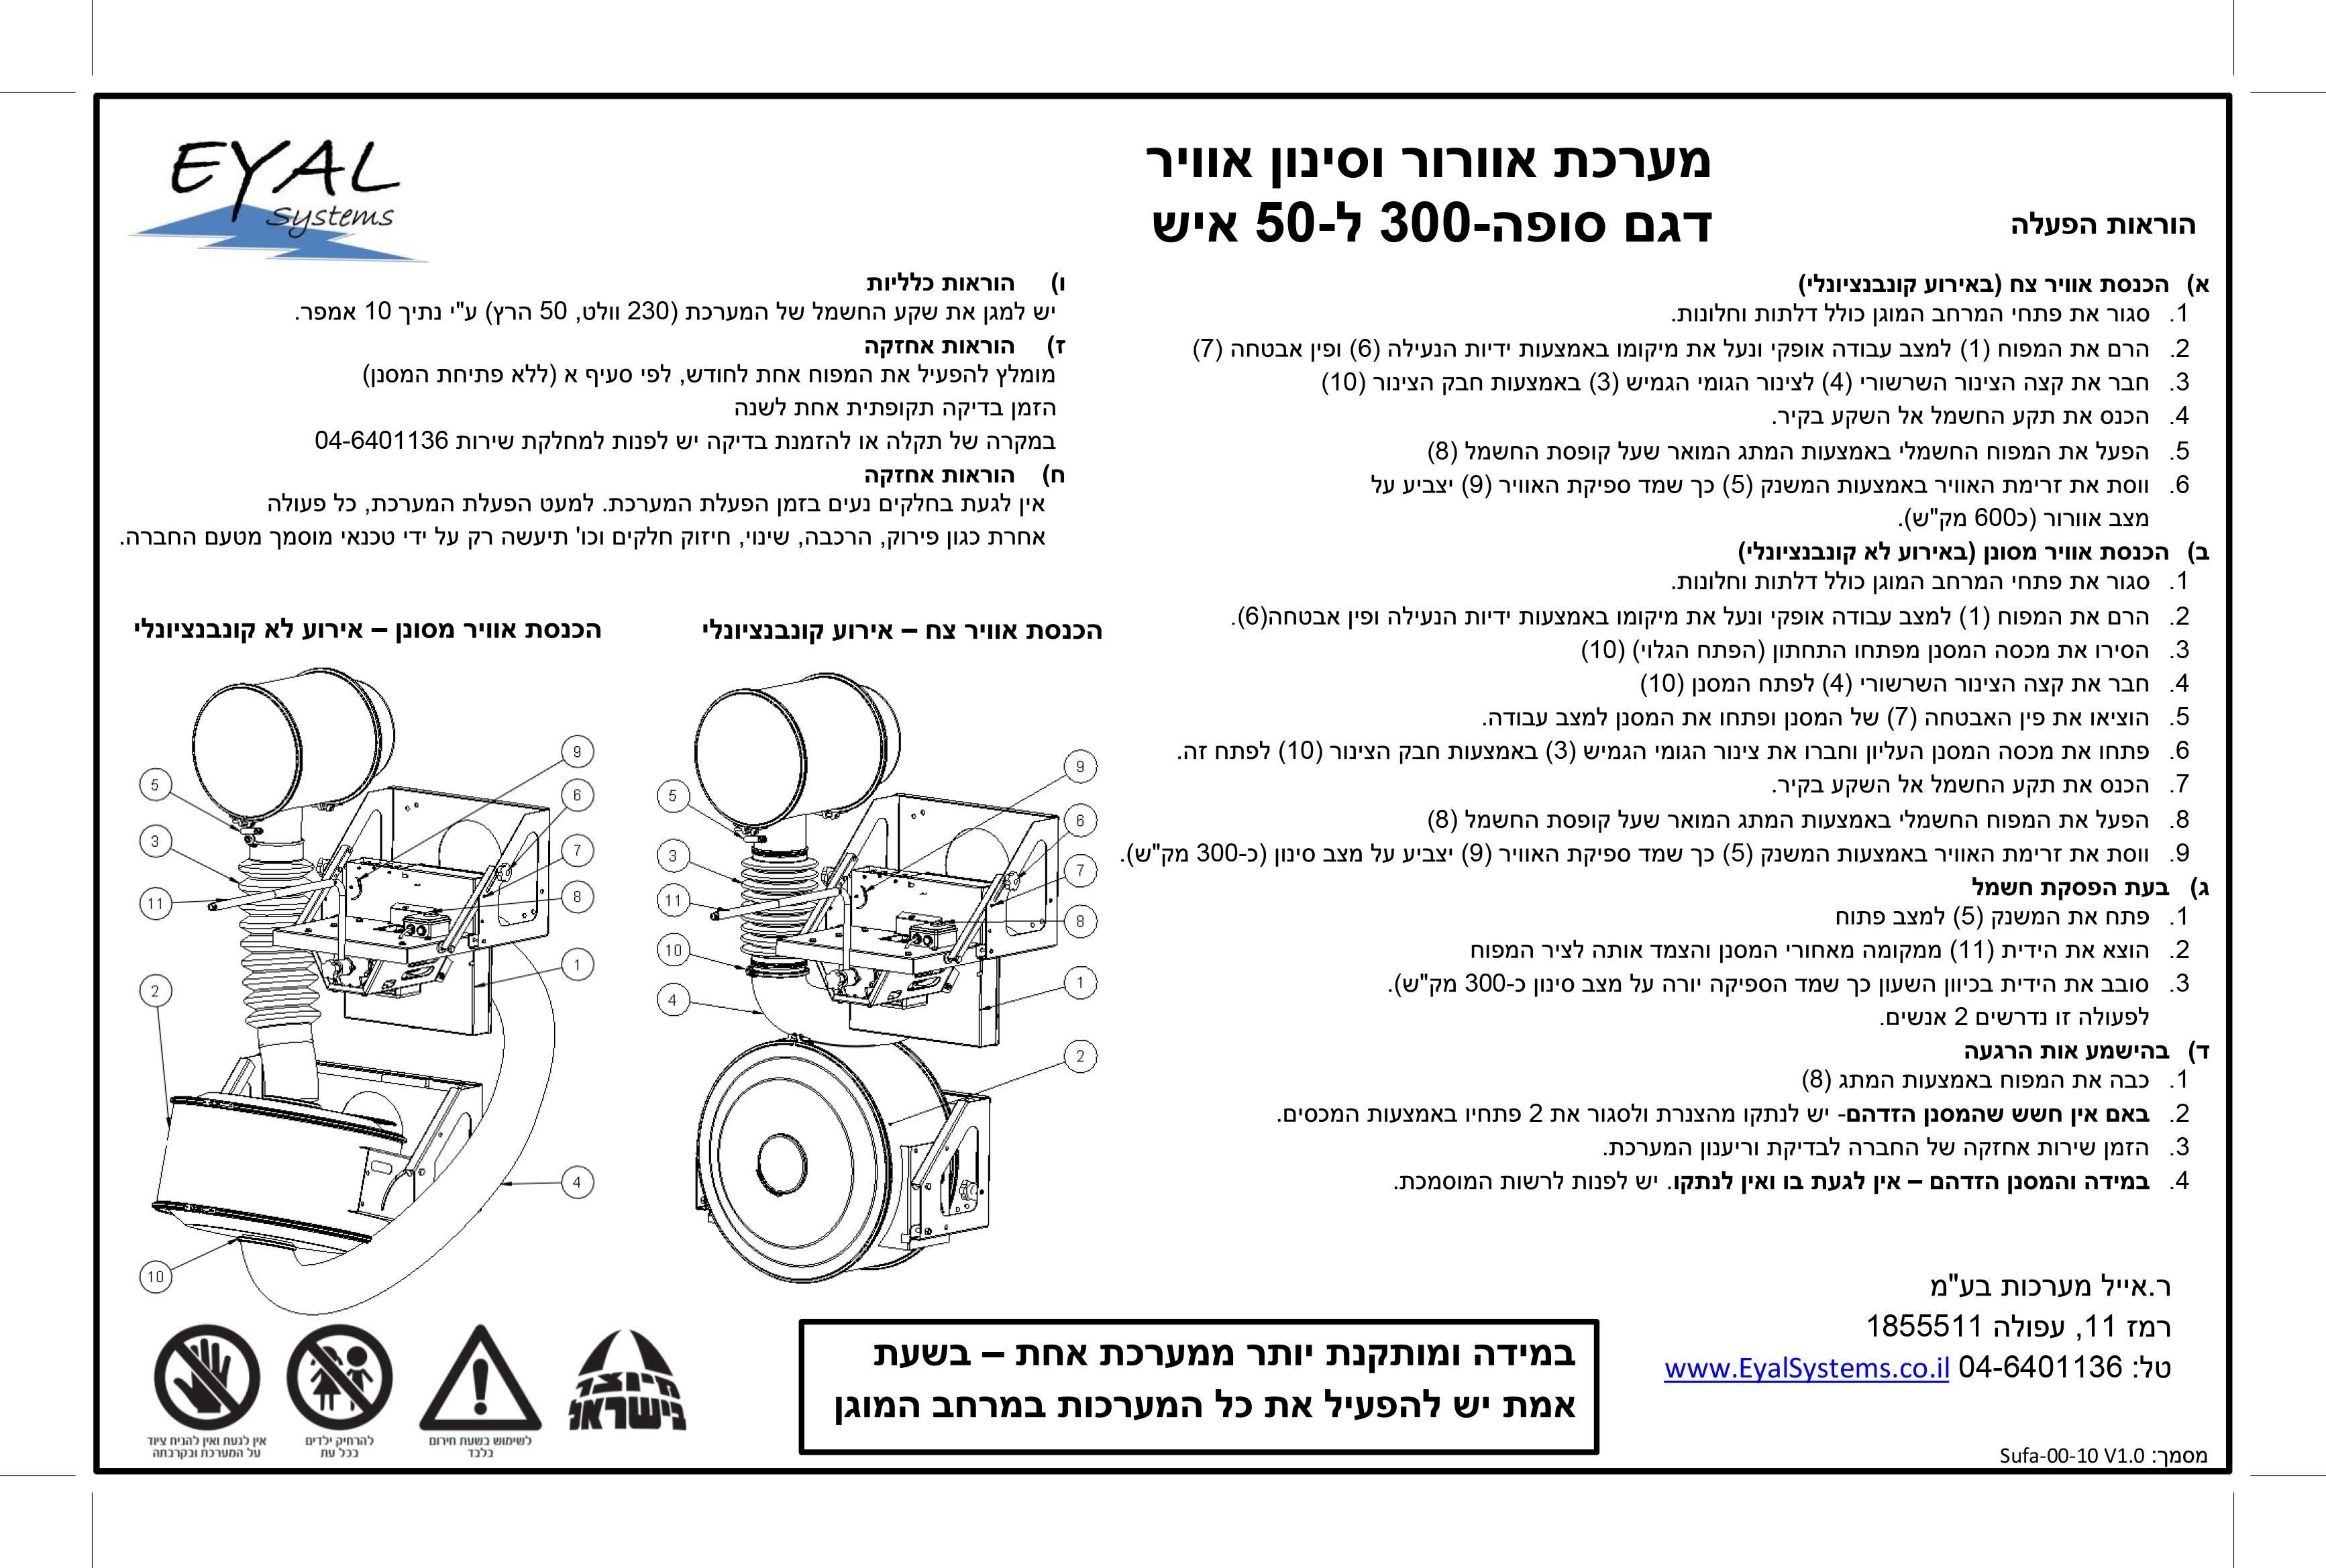 הוראות הפעלה - מערכת סינון אוויר דגם סופה 300